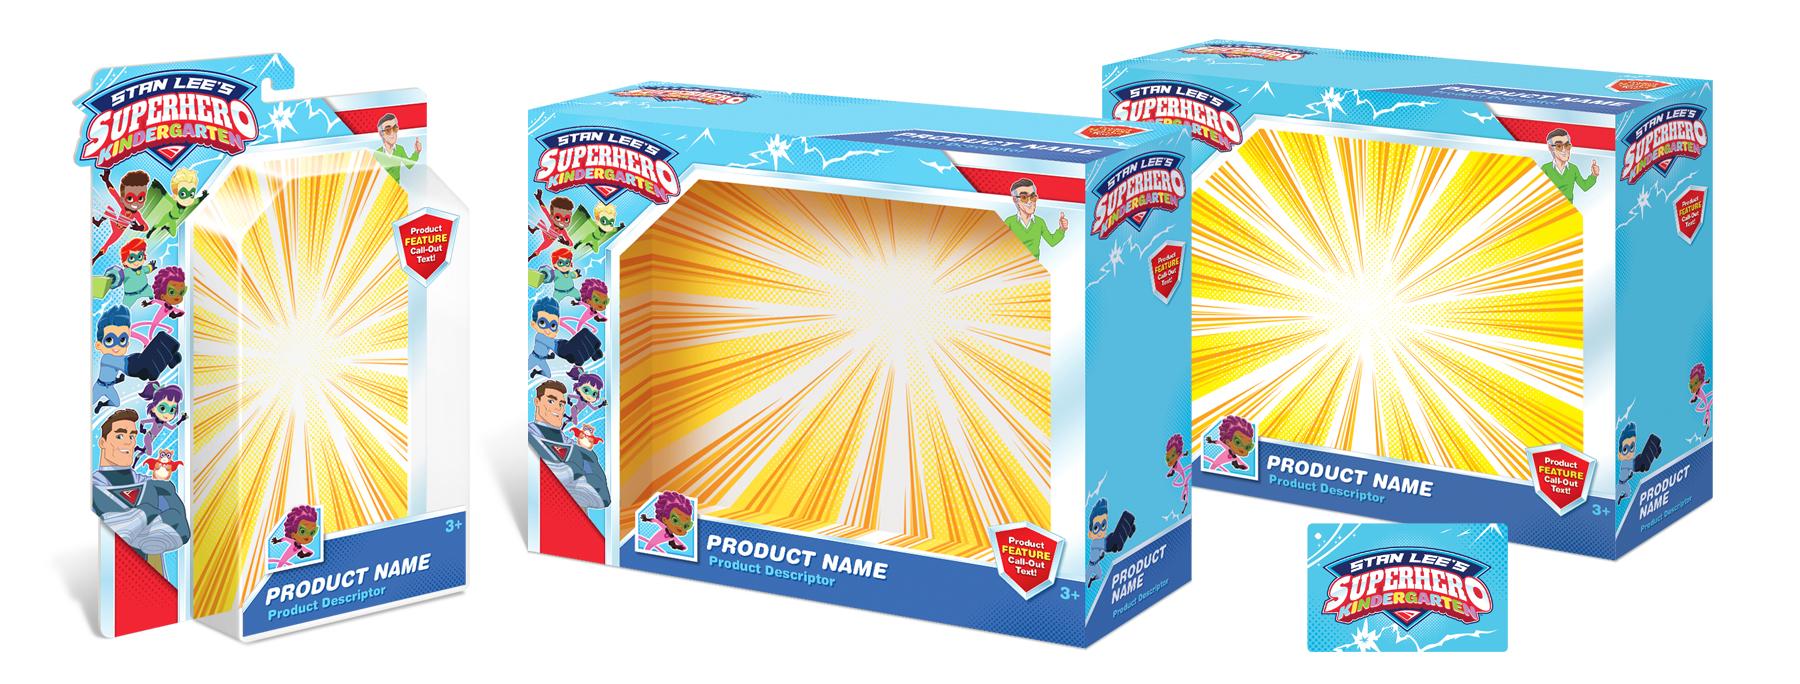 Stan Lee's Superhero Kindergarten Style Guide - Panel 8